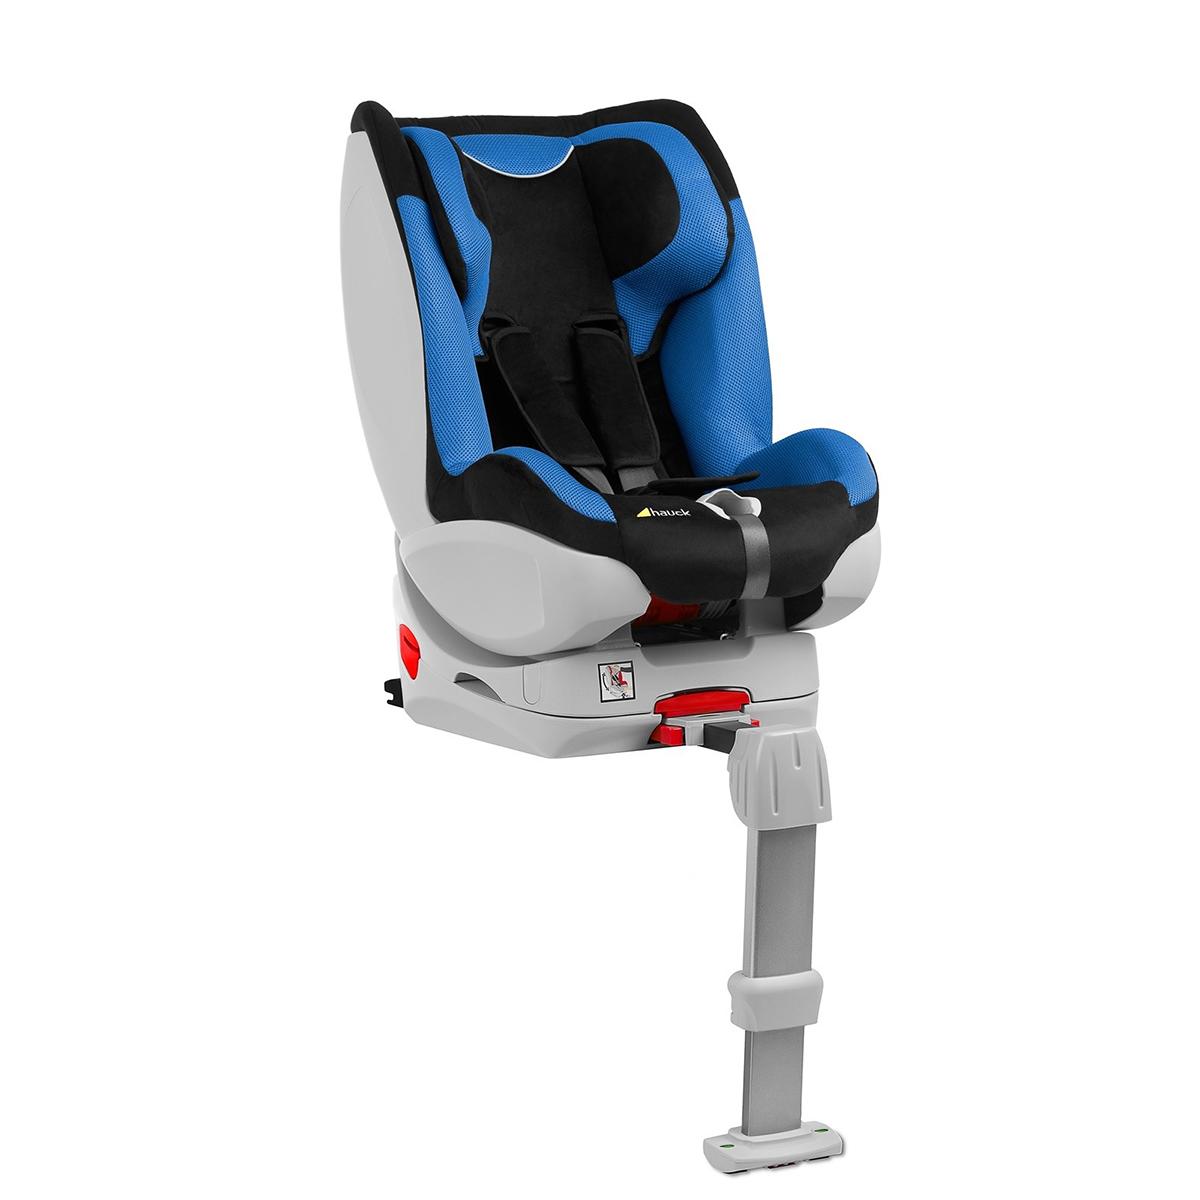 scaun auto copii hauck varioguard - black / blue